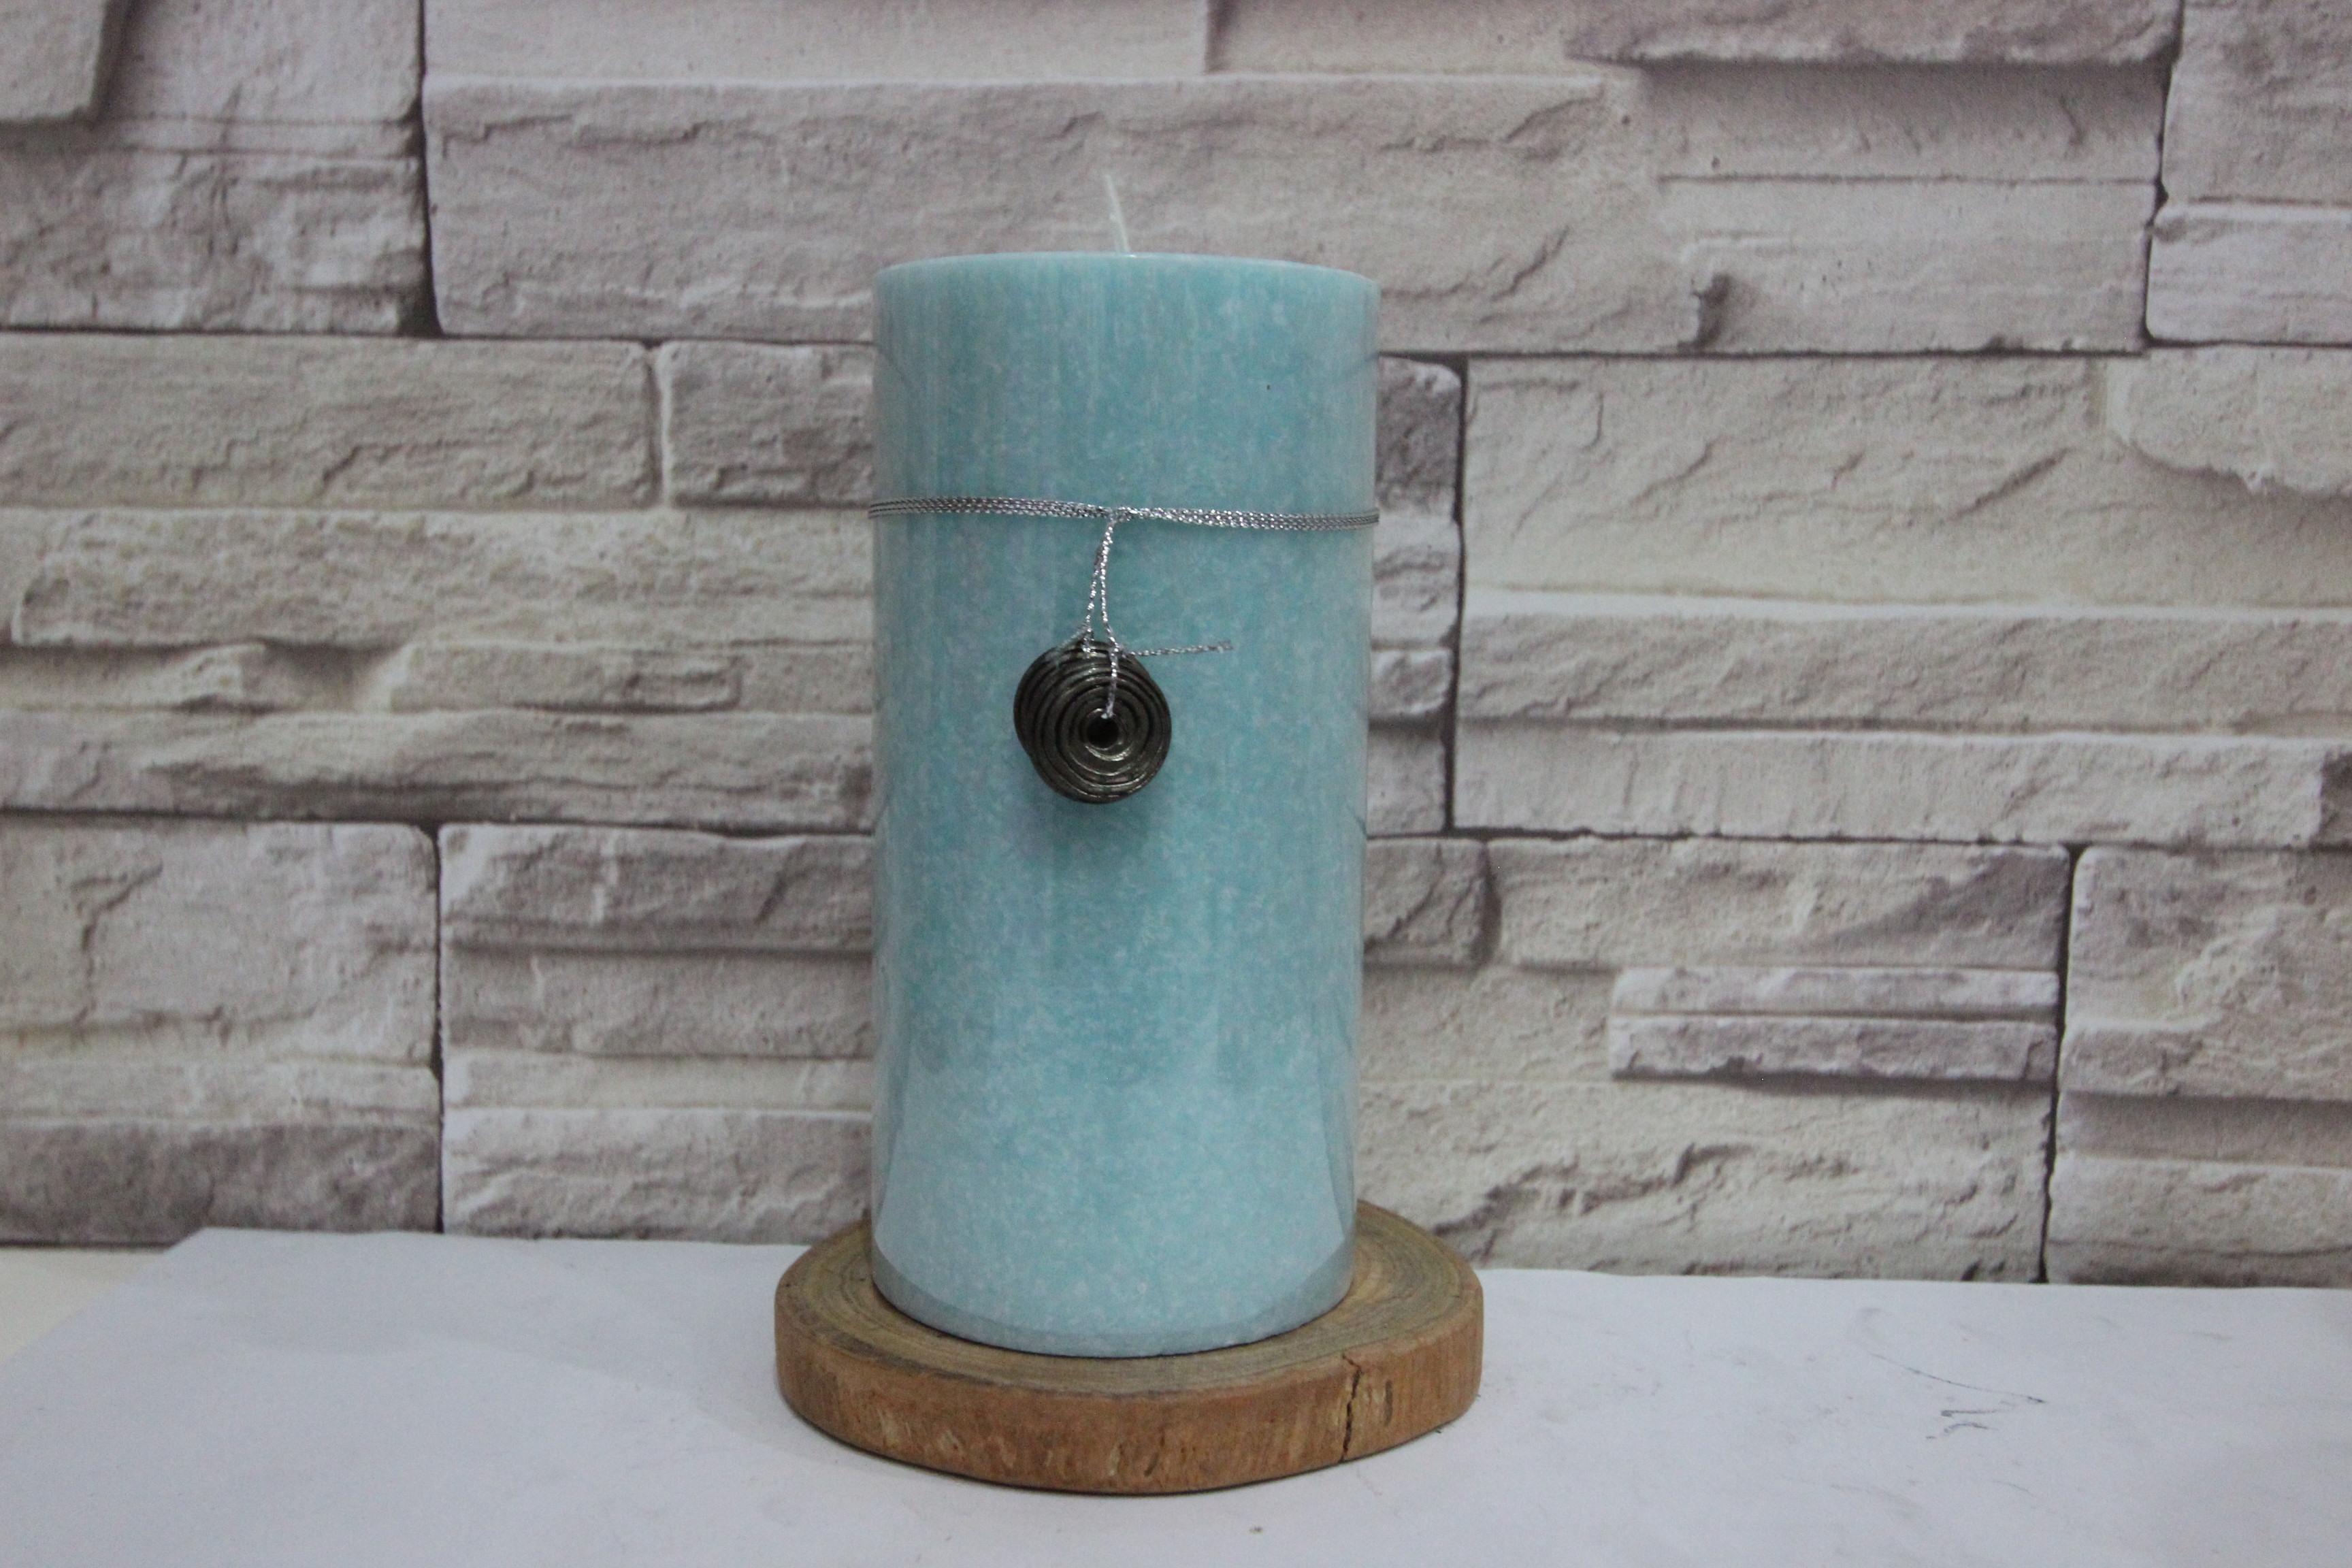 เทียนหอมตกแต่งบ้าน เทียนแท่งสีน้ำทะเล เทียนแฟนซี ขนาด 3x6 นิ้ว ตกแต่งสวยงาม